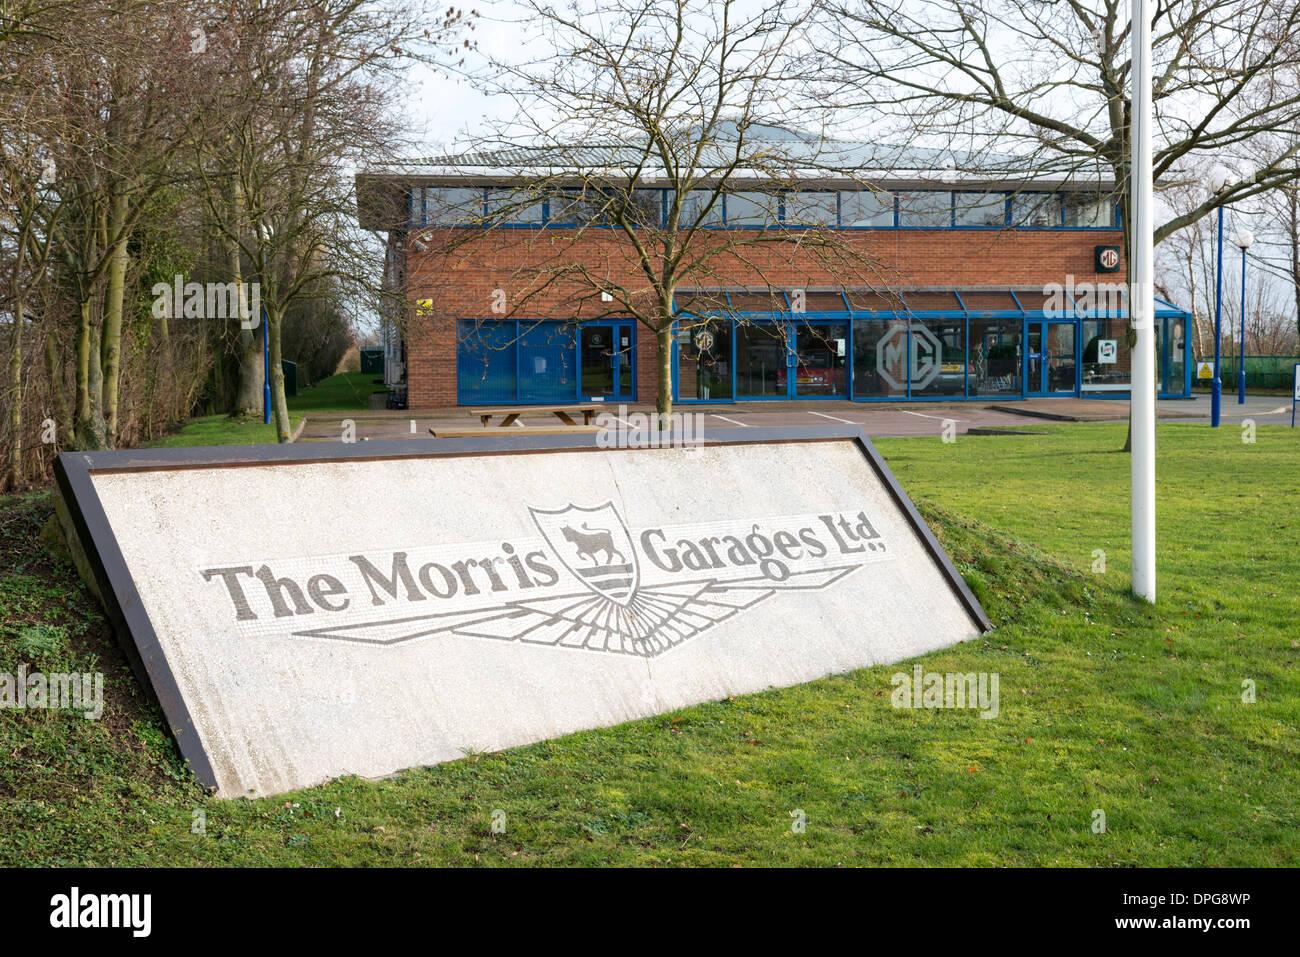 La sede de la MG o Morris Garages Propietarios Club en Cambridgeshire Swavesey UK Foto de stock